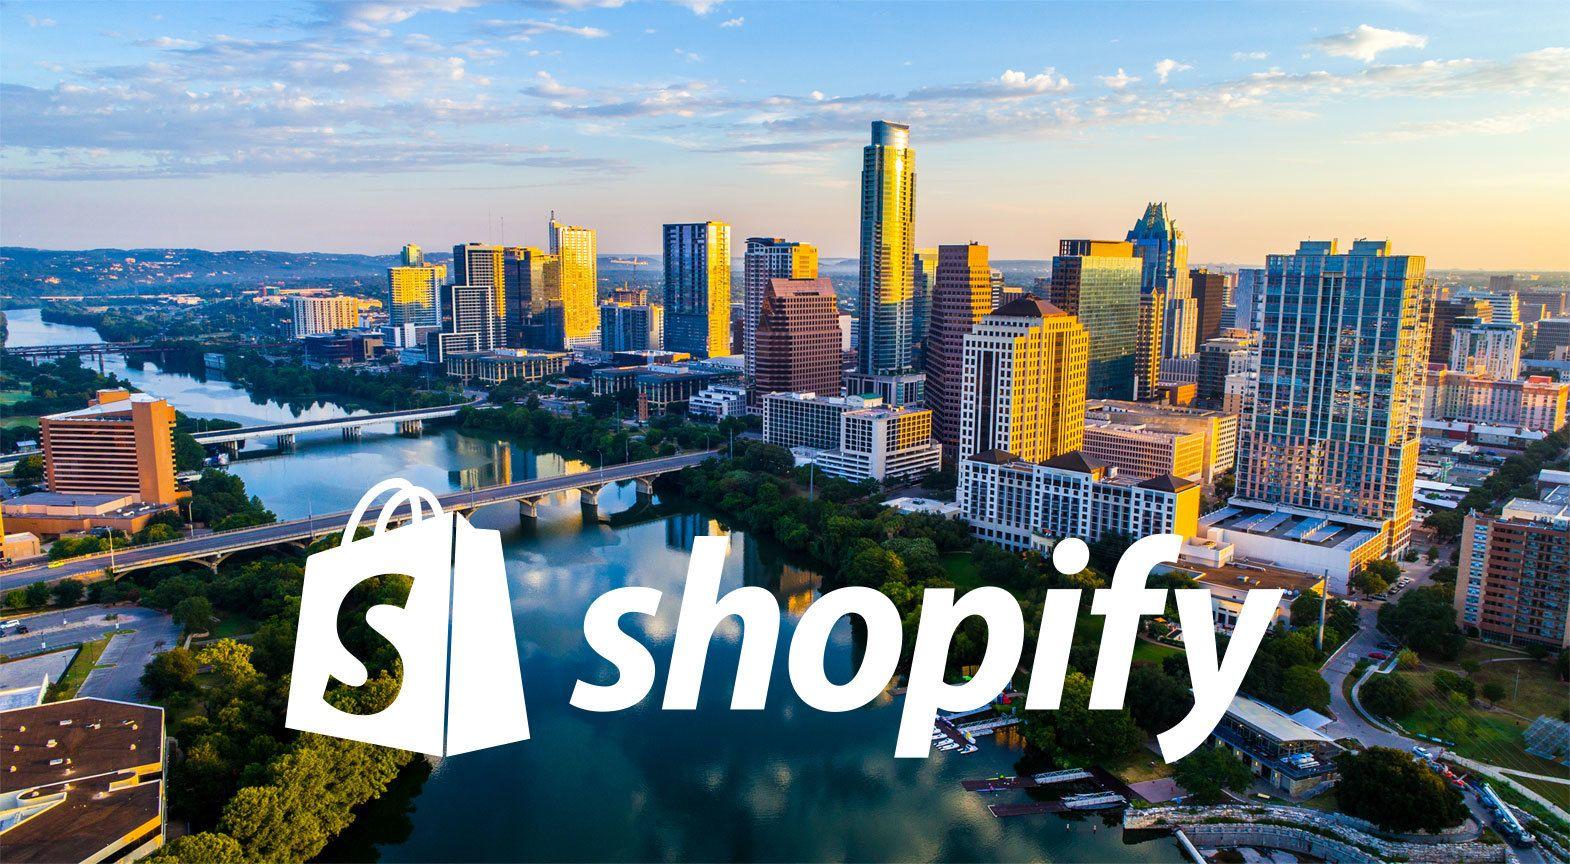 Austin Shopify Meetup